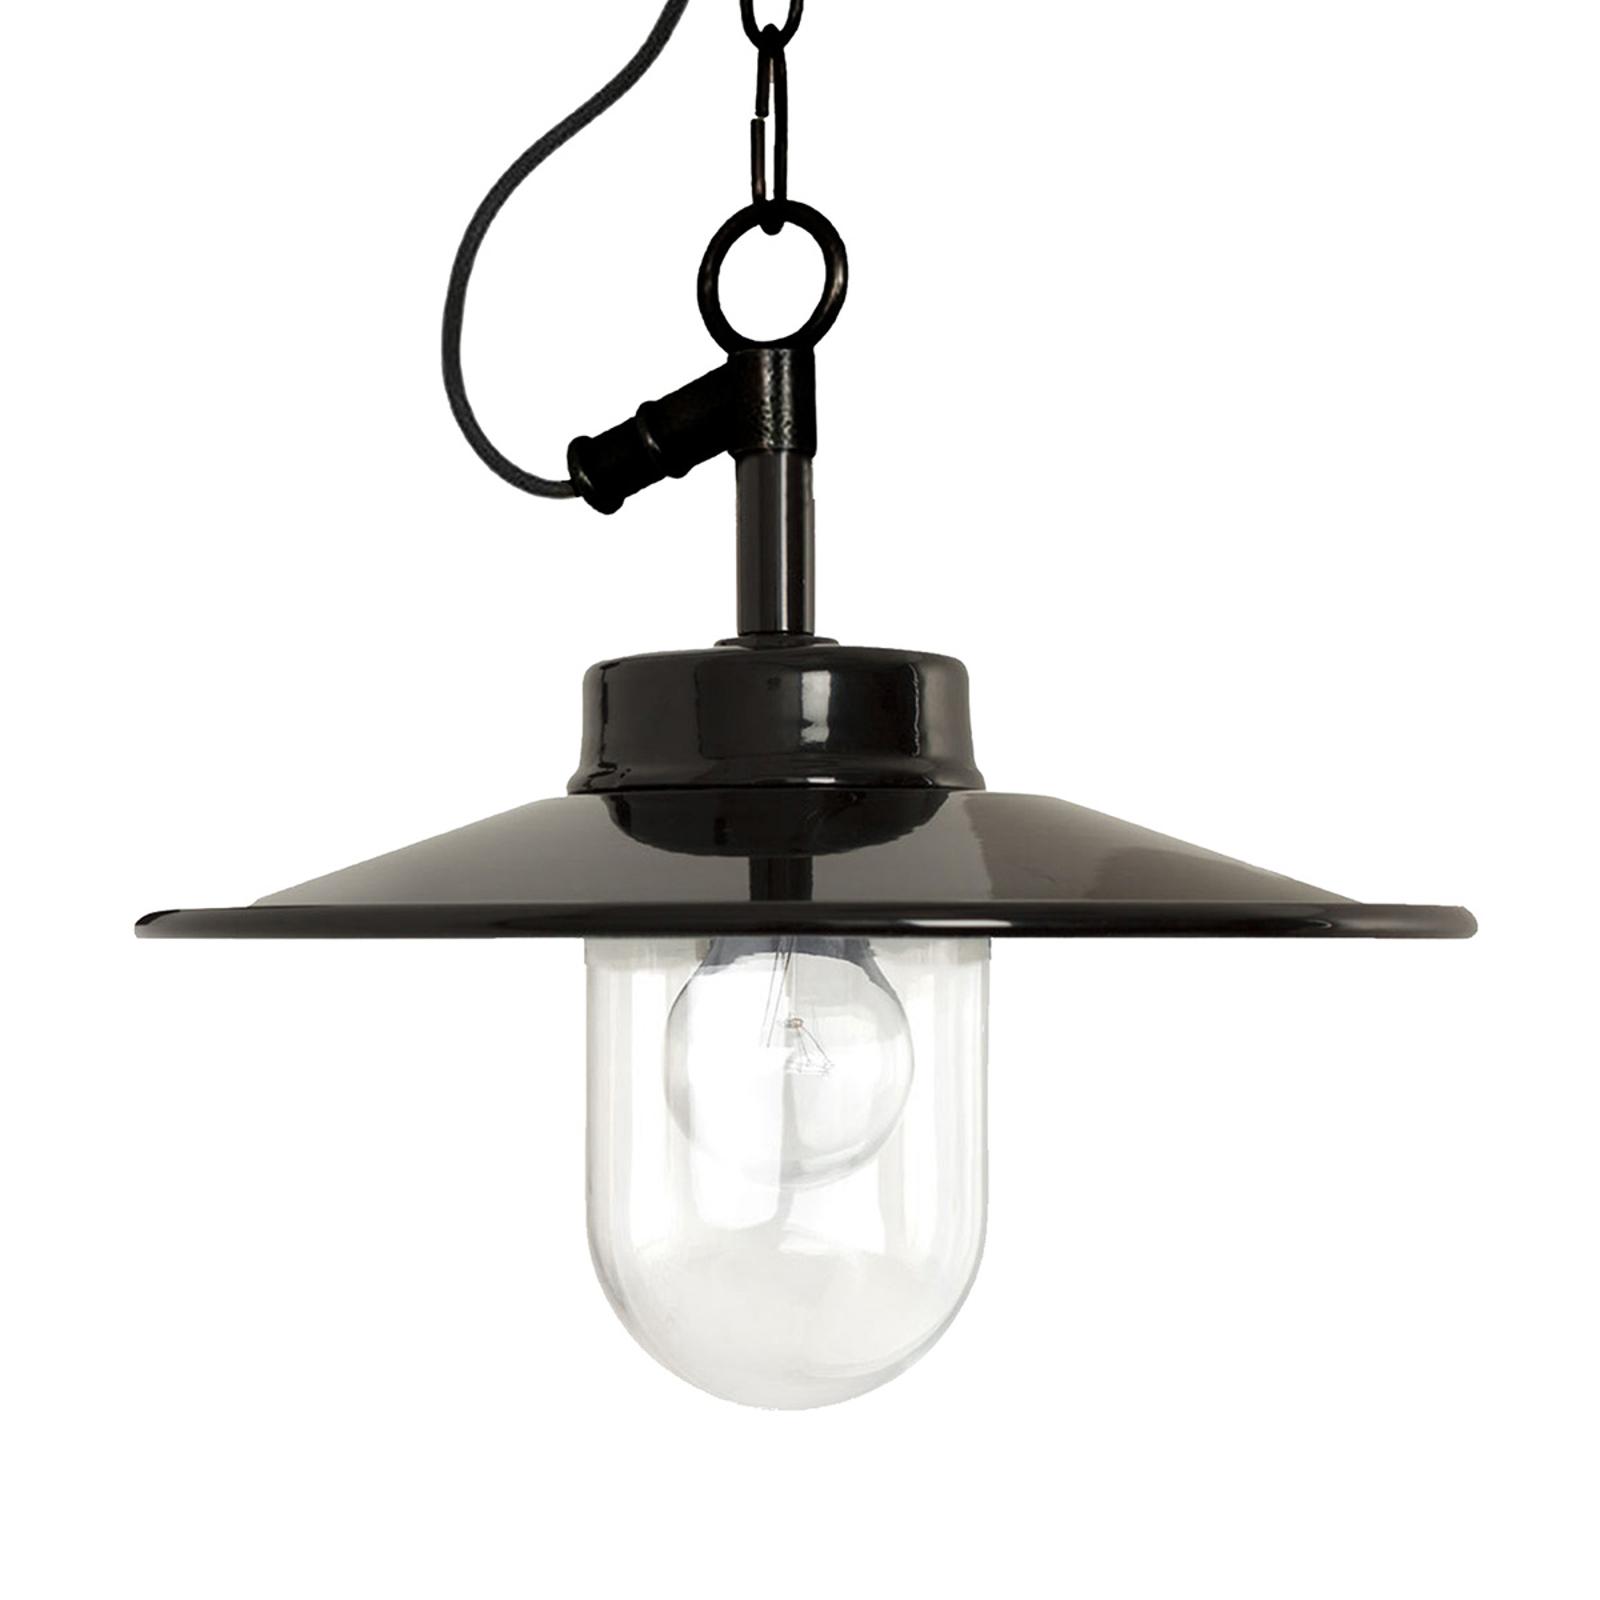 Lampa wisząca Vita o industrialnym wzornictwie